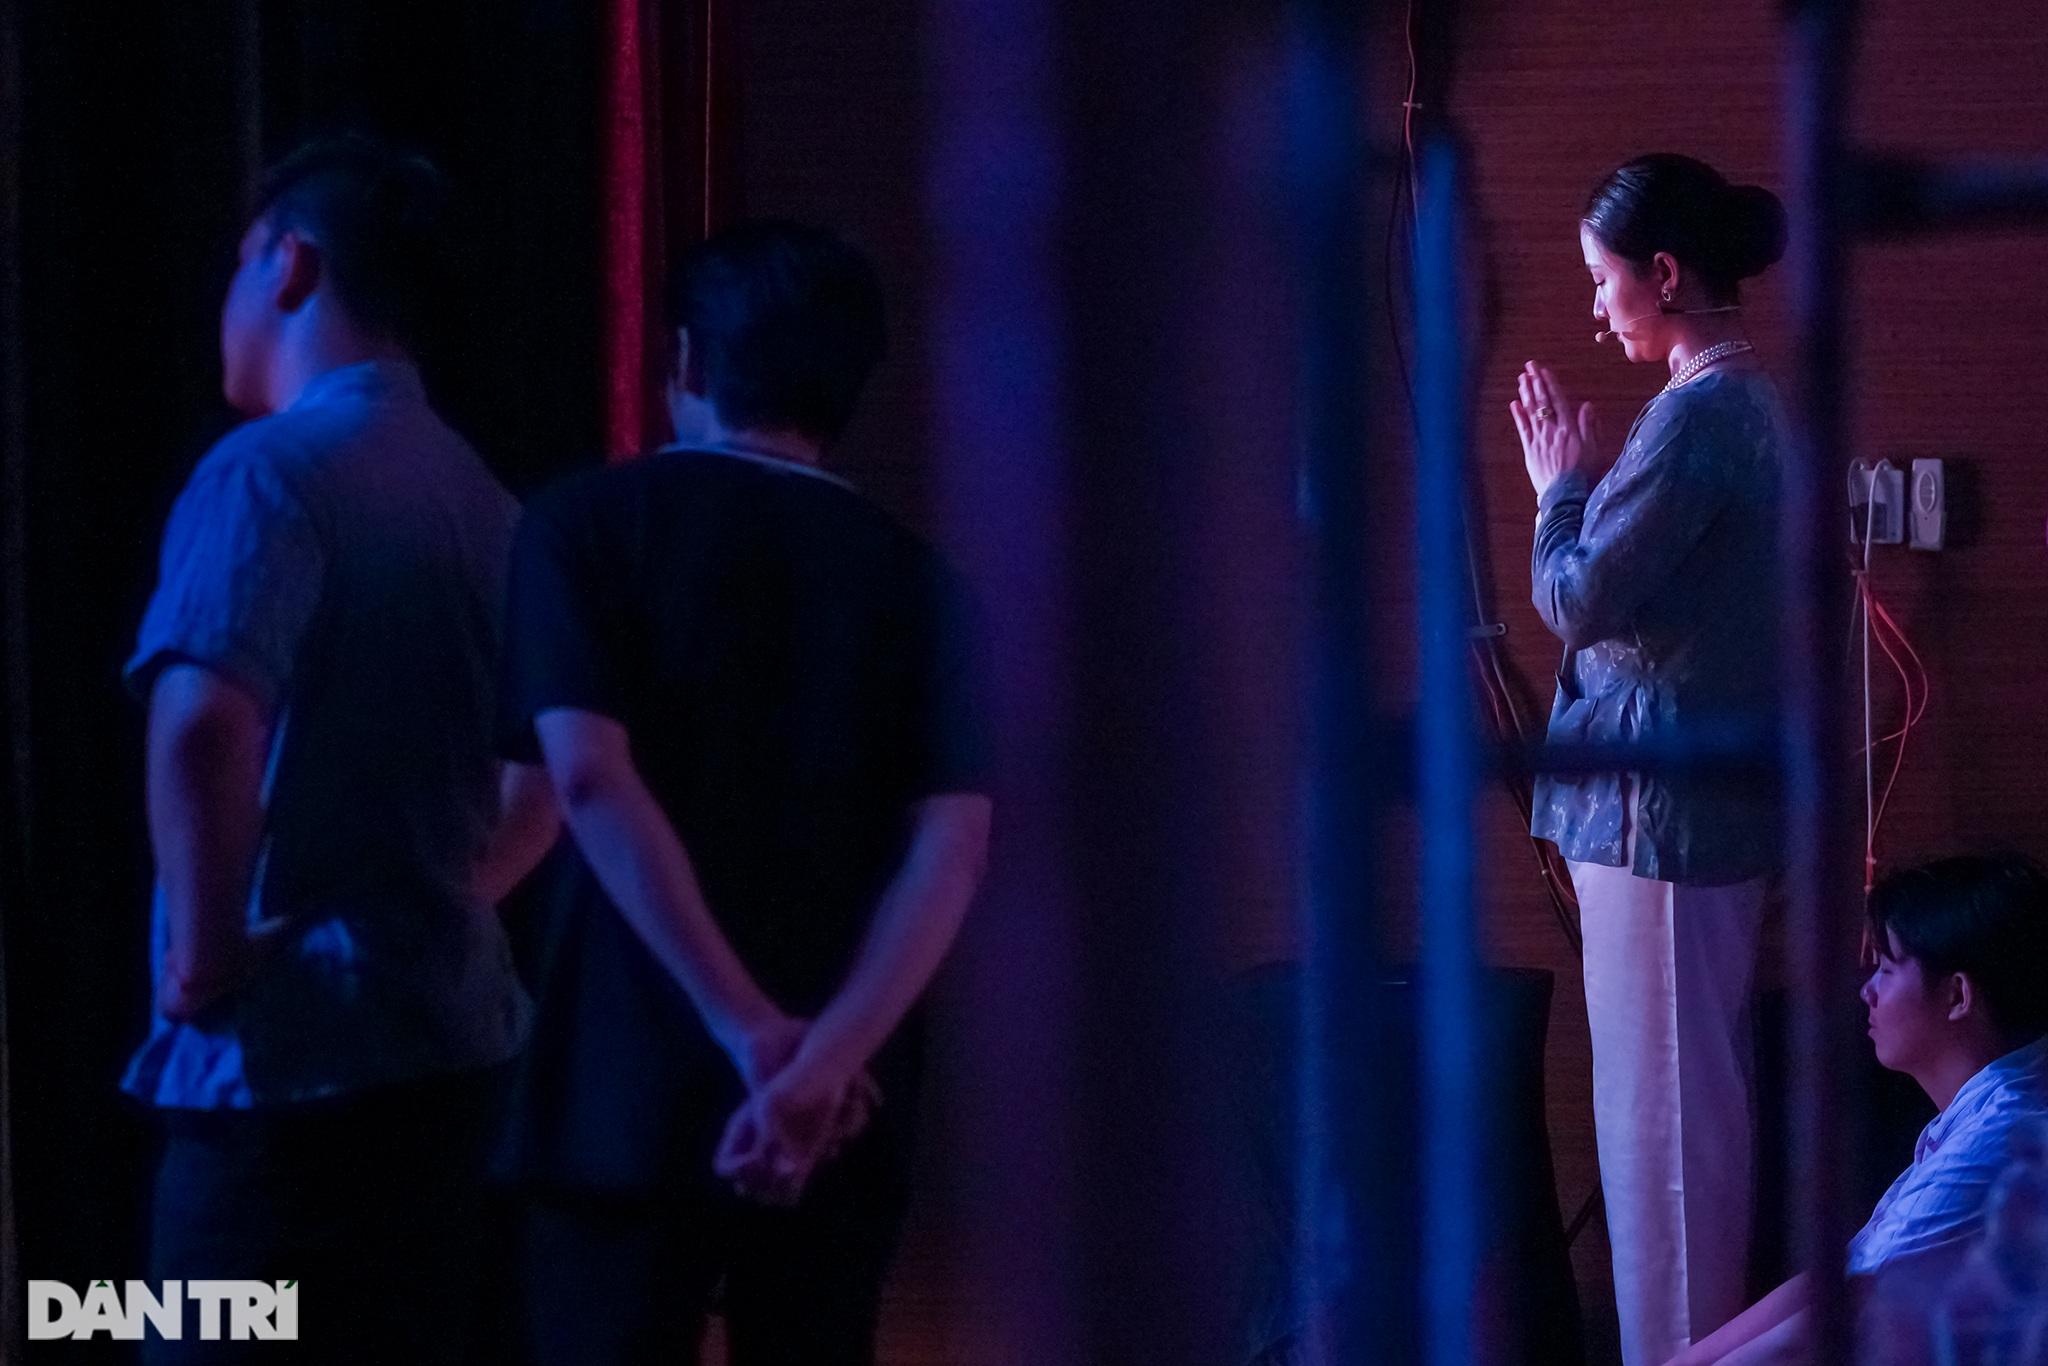 Bất ngờ khoảnh khắc: Khi sinh viên làm kịch chuyên nghiệp - 6